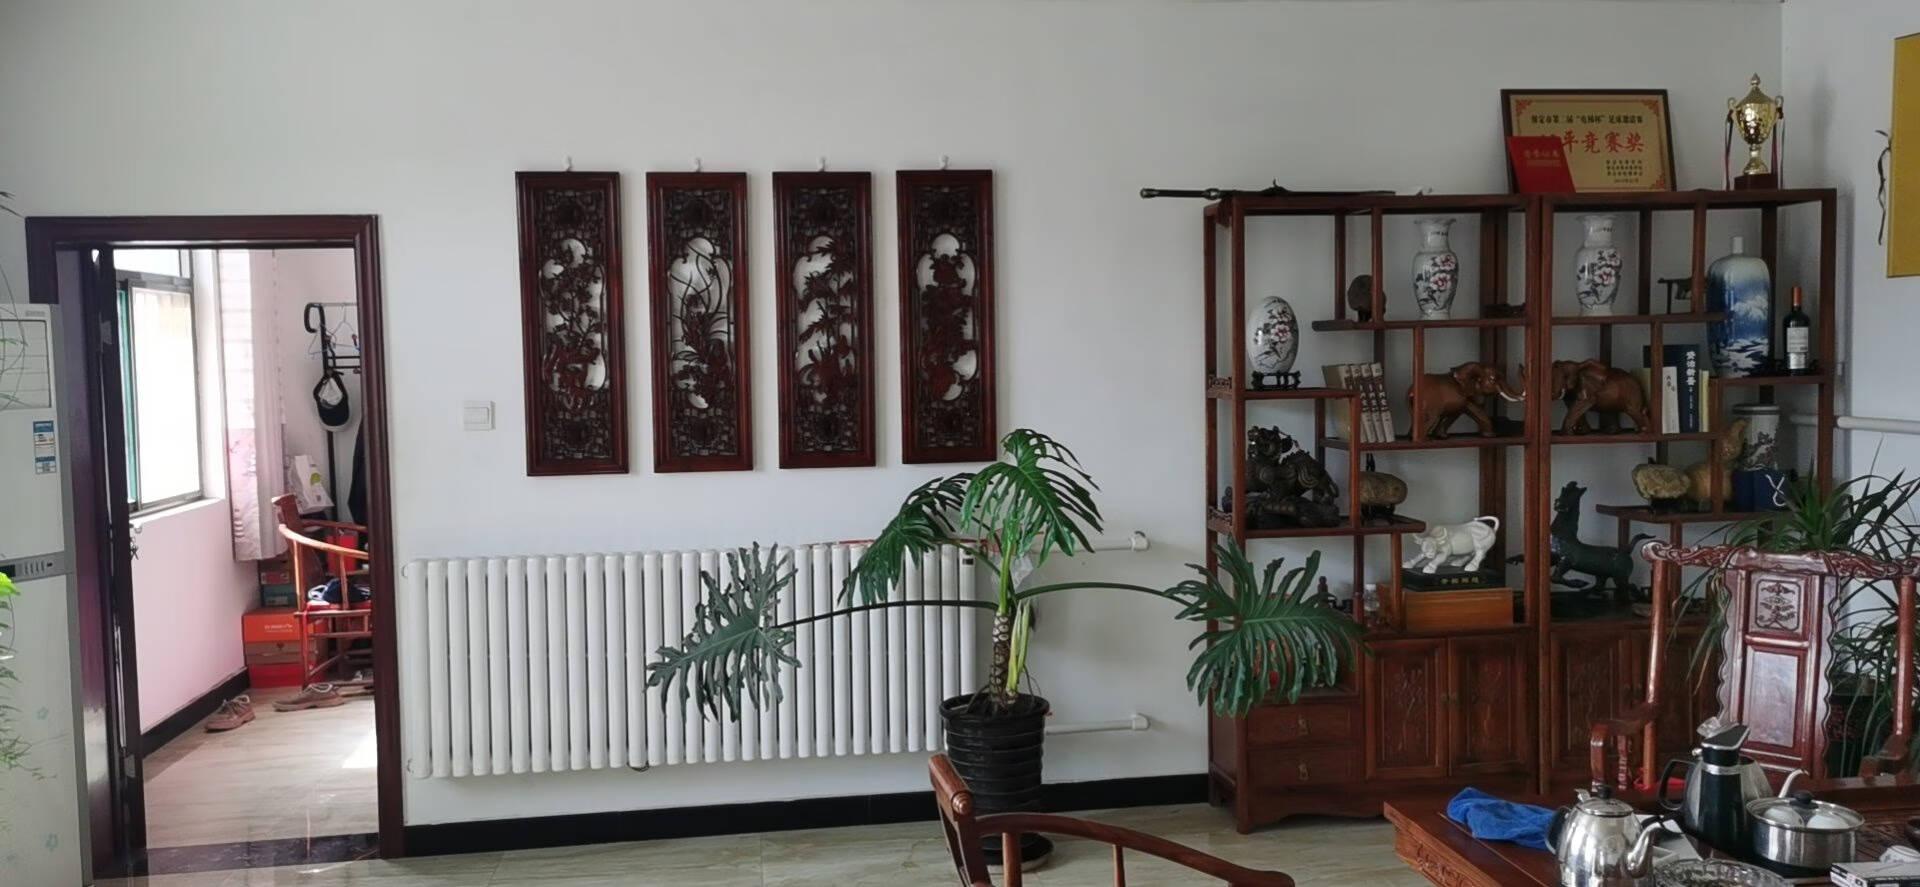 随喜木雕东阳木雕梅兰竹菊四条屏实木挂件香樟木雕刻壁挂中式客厅走廊挂画带框梅兰竹菊